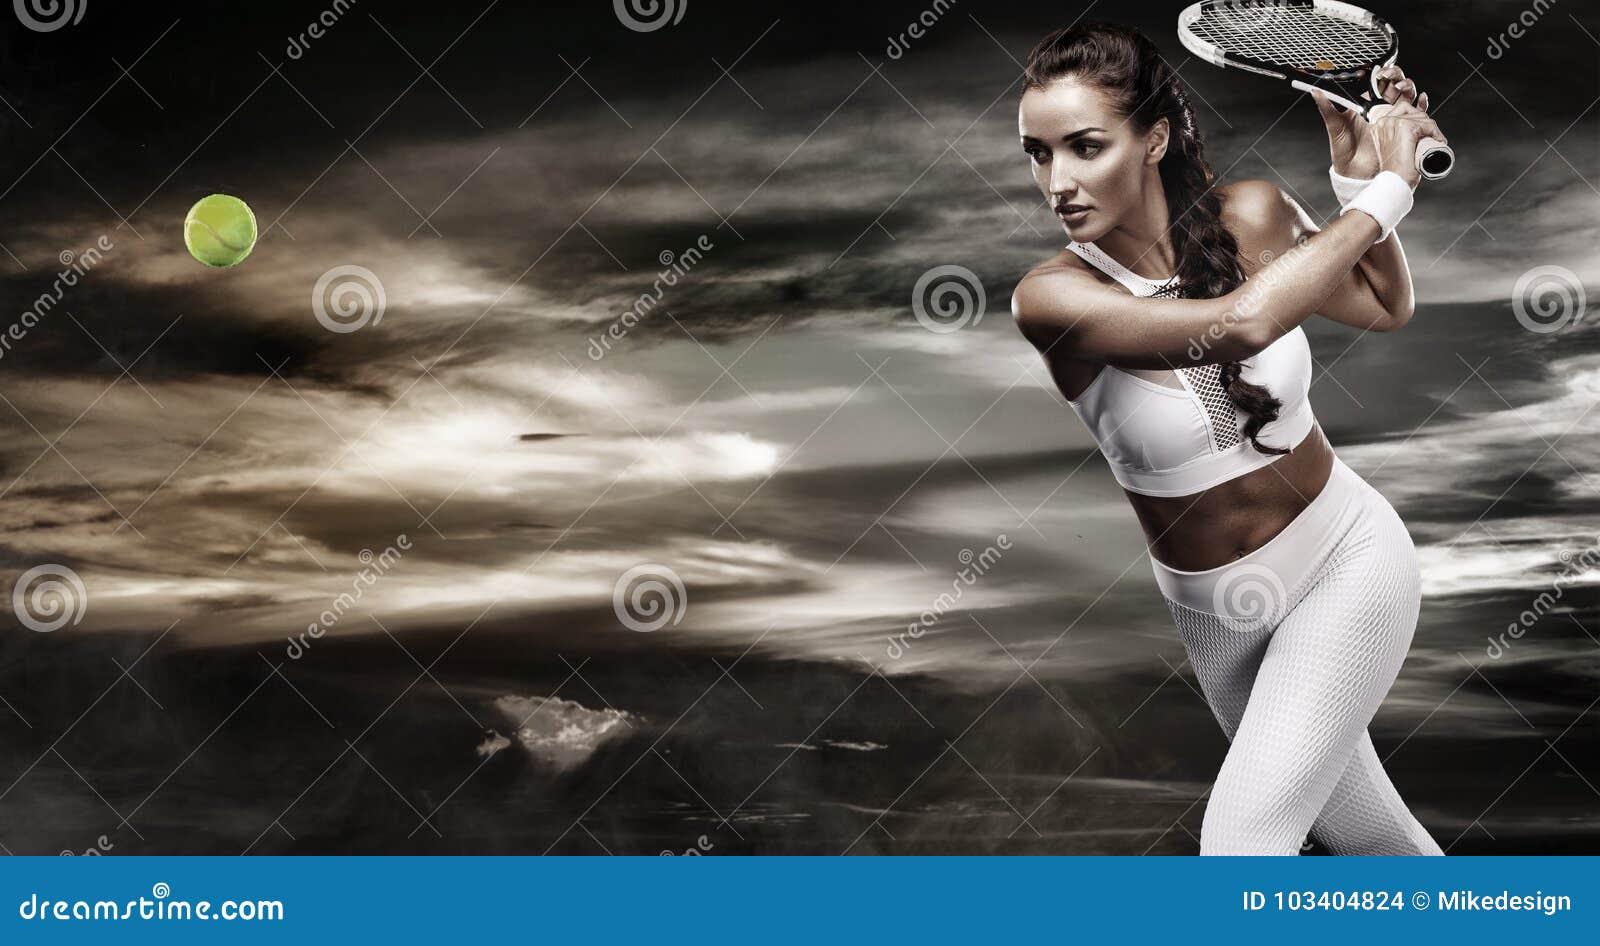 Фото красивые о спорте только девушки